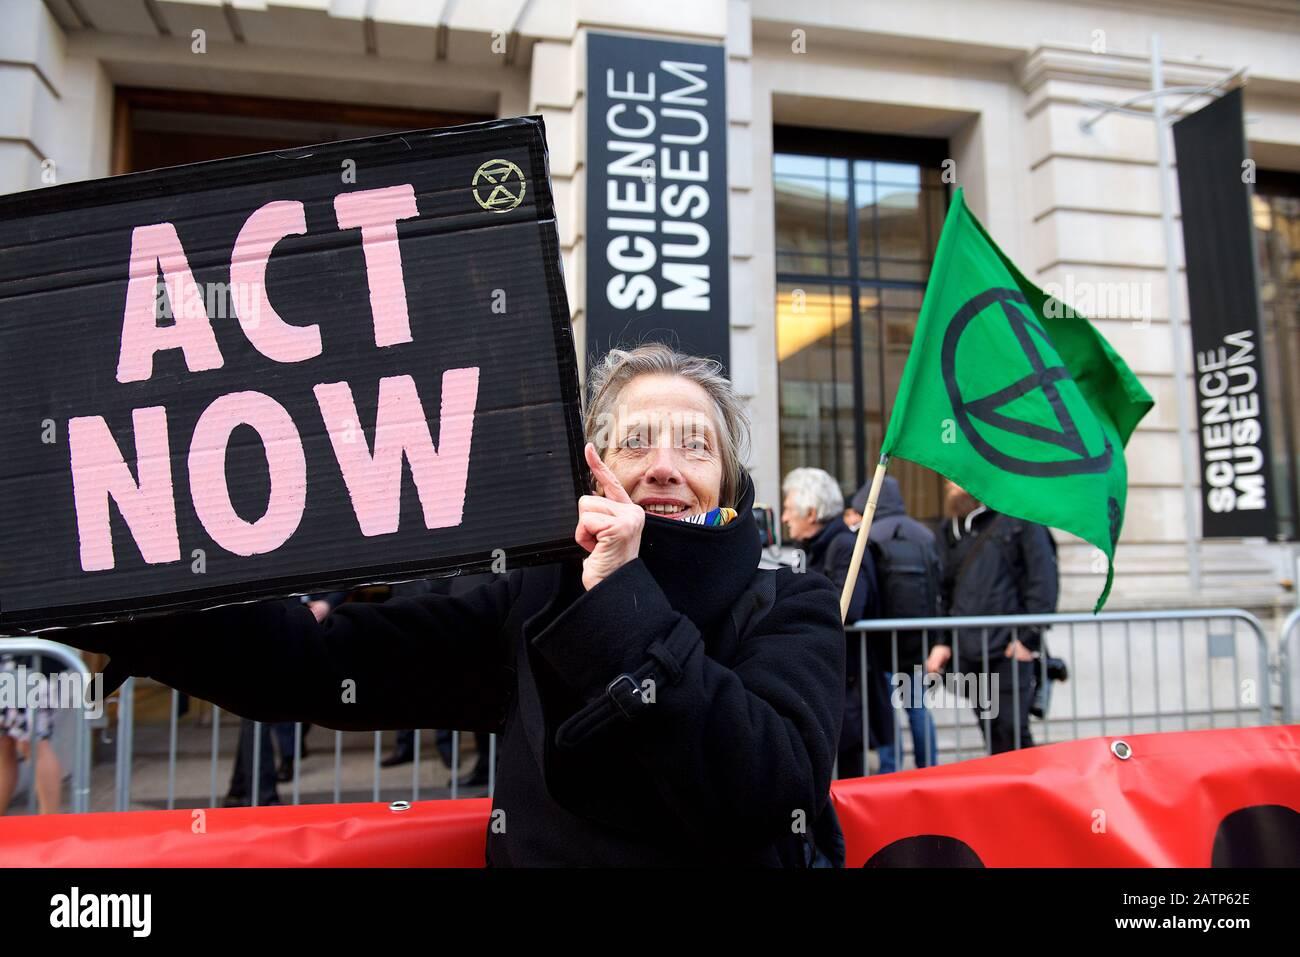 Londra, Regno Unito. 4th Feb 2020. Le Proteste dei ribelli di estinzione continuano a Londra, questo è stato l'evento di lancio per i prossimi colloqui sulla crisi climatica, COP26, nel Regno Unito nel novembre 2020. Il primo ministro britannico Boris Johnson ha tenuto un discorso che è stato molto criticato per essere una risposta inadeguata all'entità della crisi e per dimostrare una mancanza di urgenza con la sua neutralità rispetto al carbonio entro il 2050, quando la stragrande maggioranza degli scienziati del clima insiste sulla necessità di agire molto prima. Credito: Gareth Morris/Alamy Live News Foto Stock